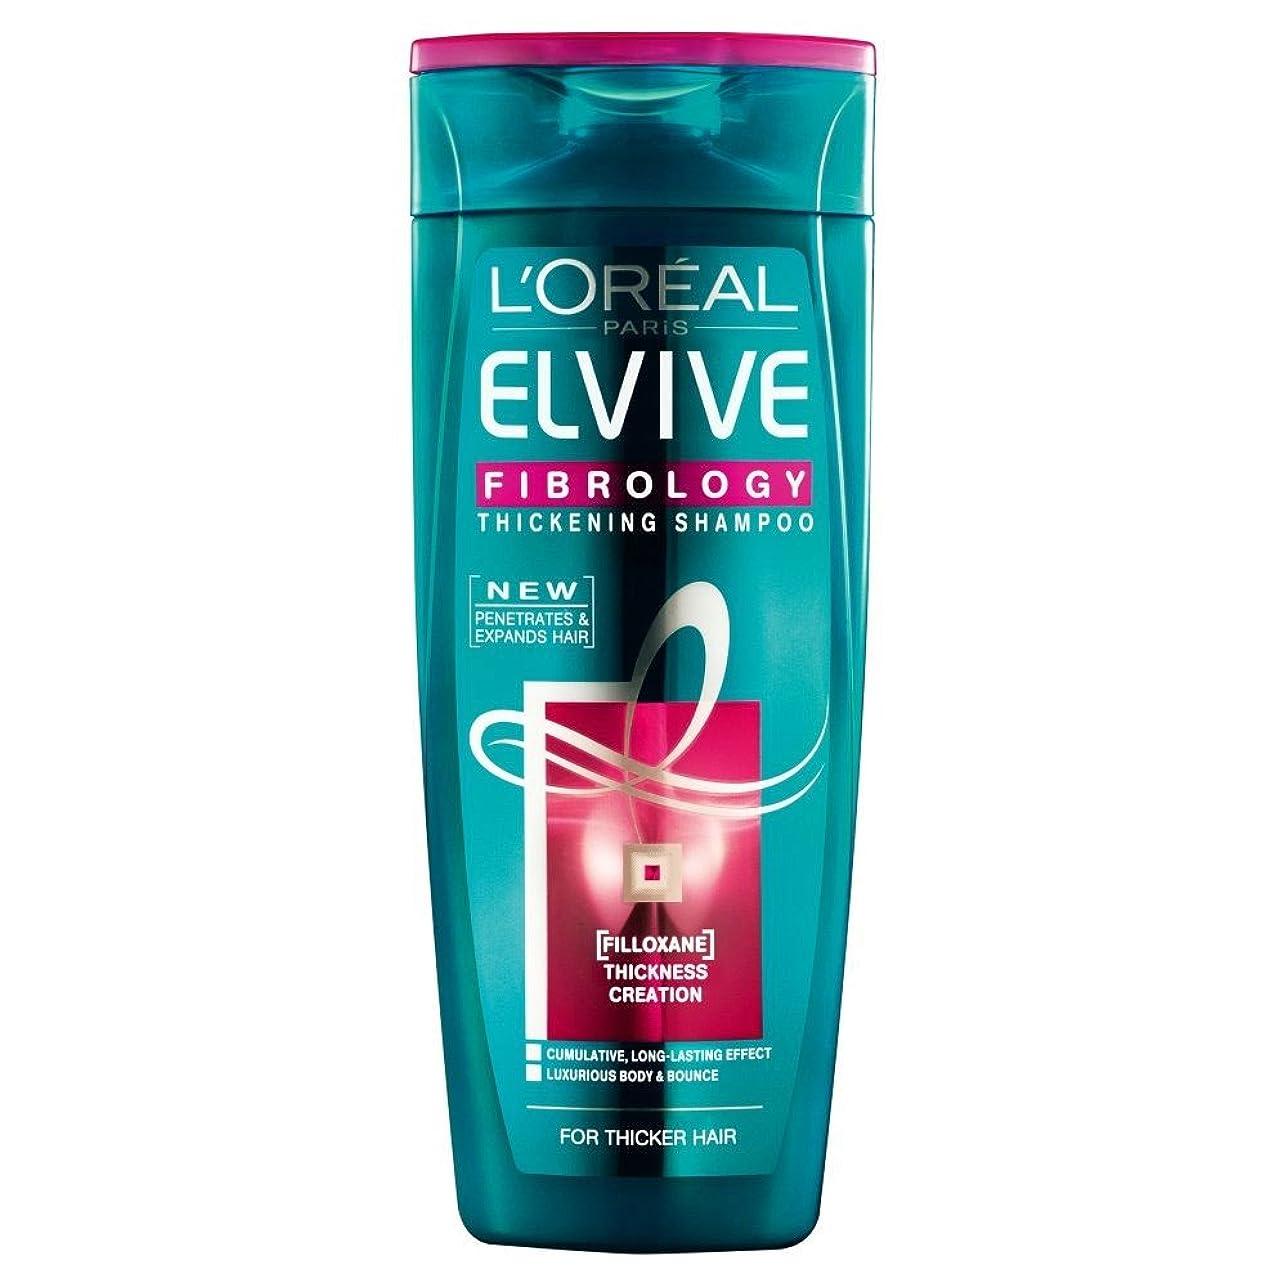 波ビート提供するL'Oreal Paris Elvive Fibrology Thickening Shampoo (400ml) L'オラ?アルパリelviveのfibrology肥厚シャンプー( 400ミリリットル) [並行輸入品]